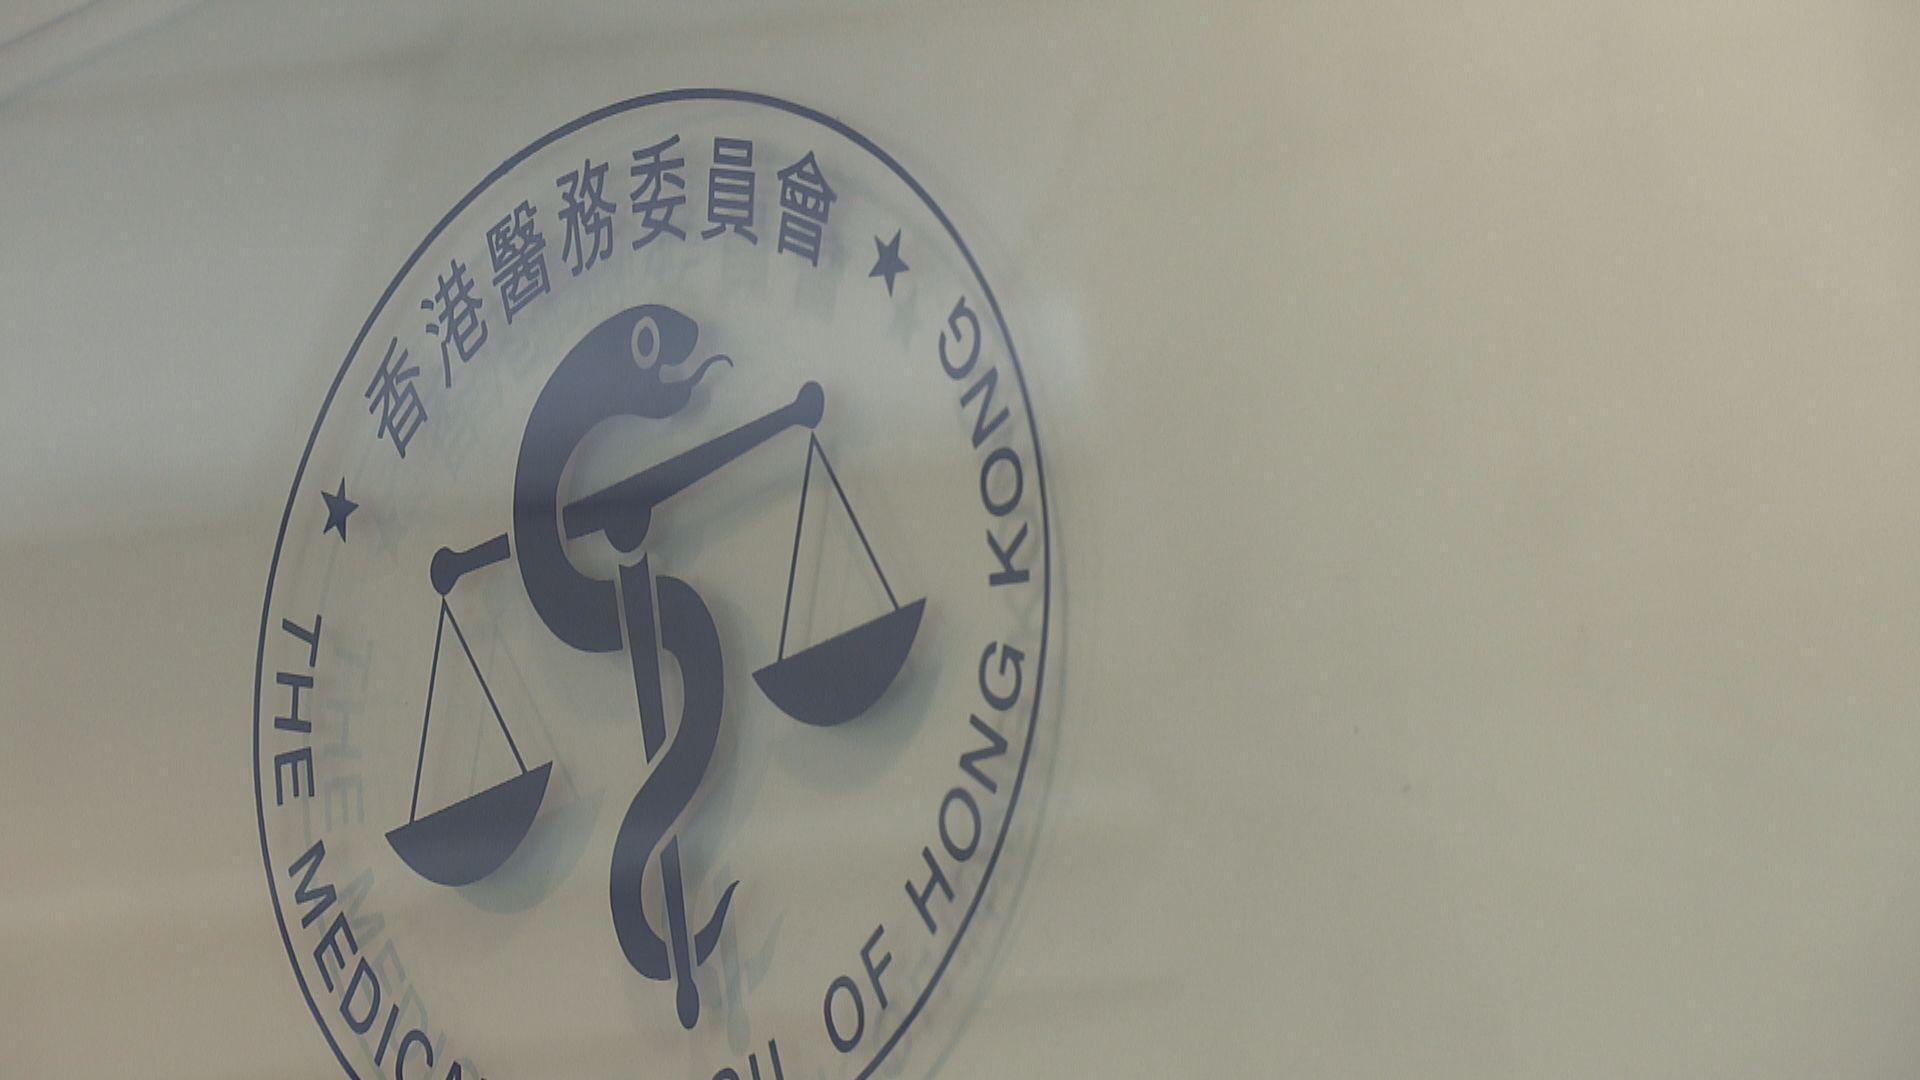 【最新】醫委會通過海外醫生豁免實習方案